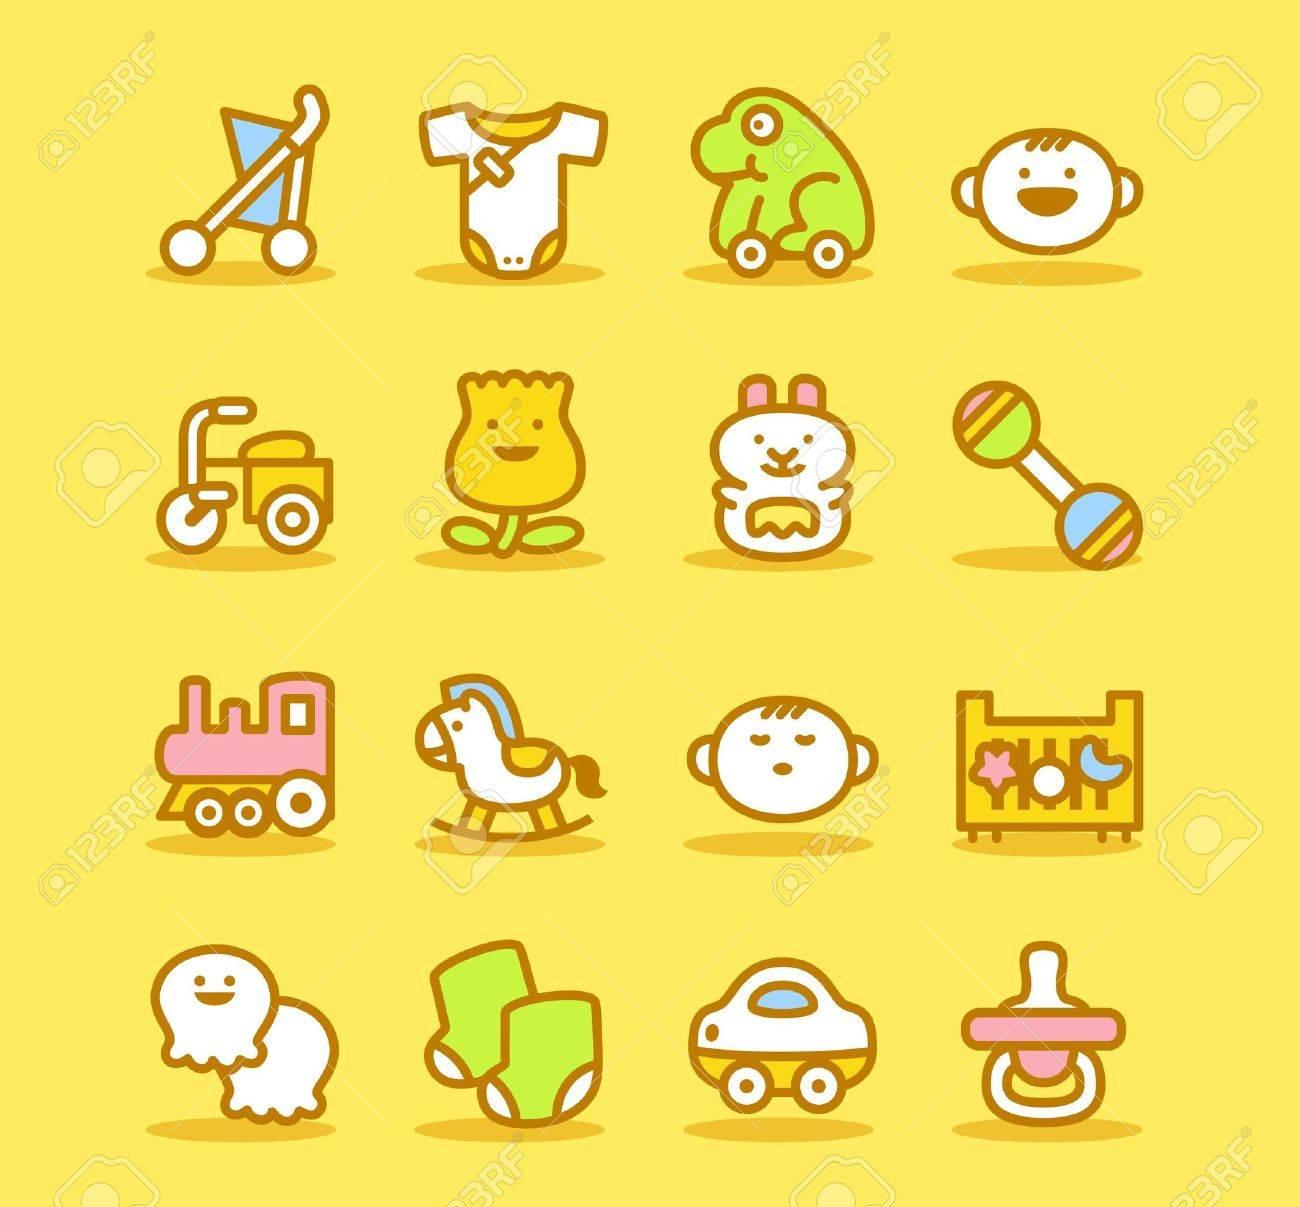 Baby icon set - 10624645